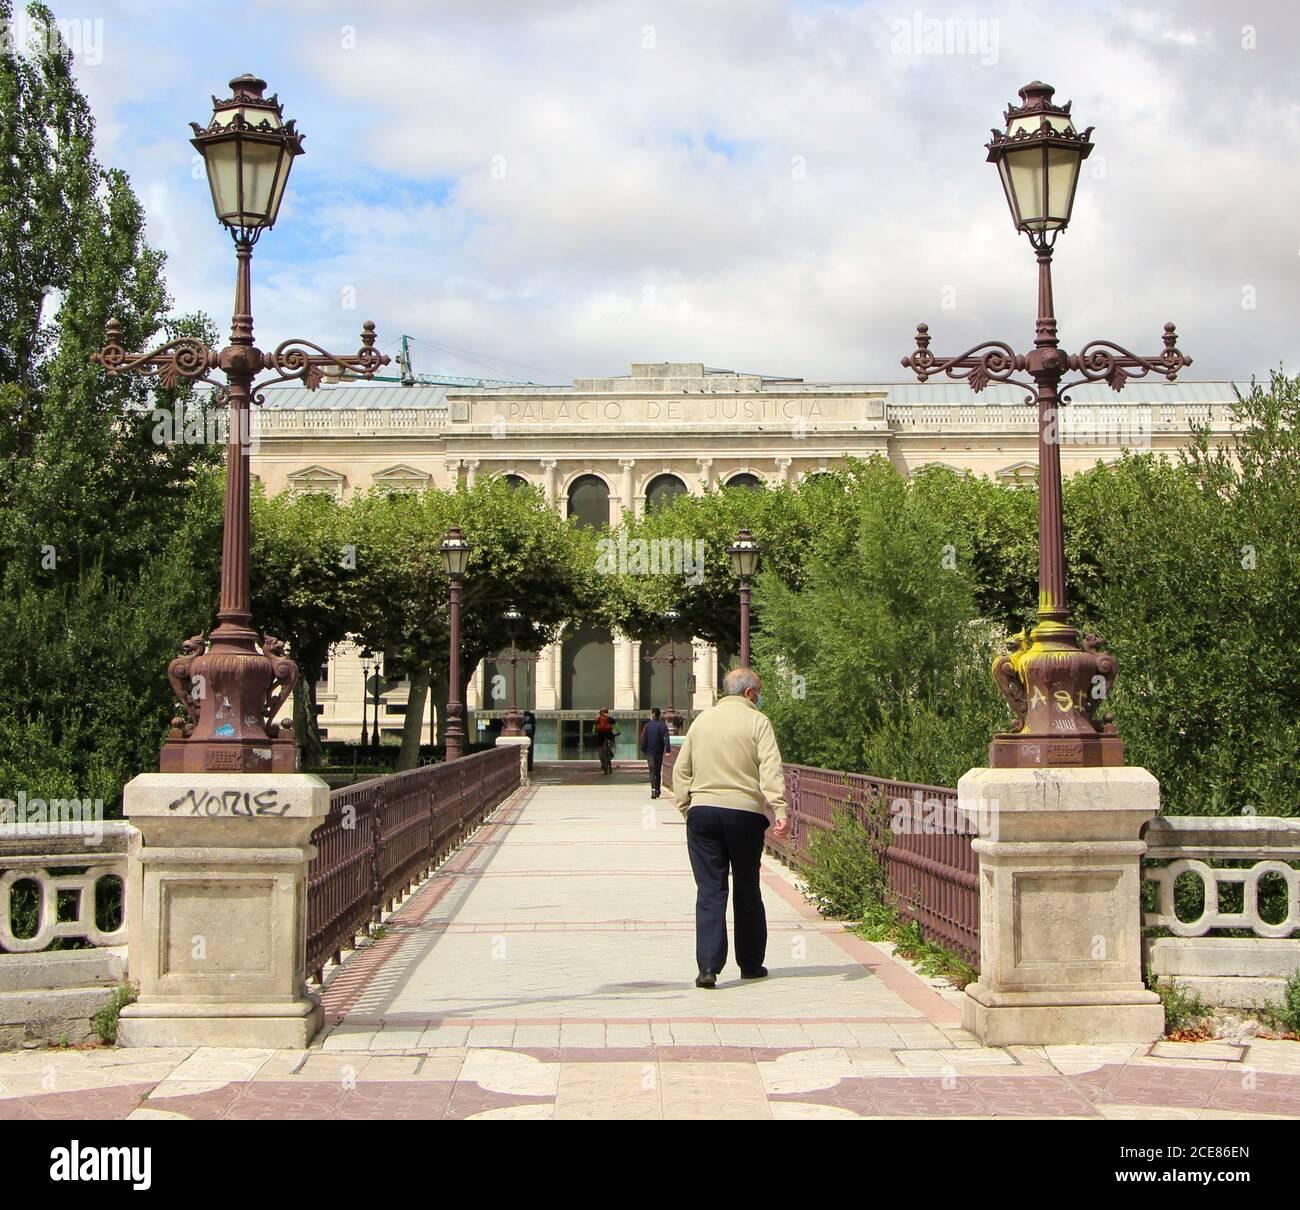 Le pont à pied et à vélo de Besson à Burgos en regardant vers Le palais de justice principal avec un homme senior qui traverse Castille Et Leon Espagne Banque D'Images